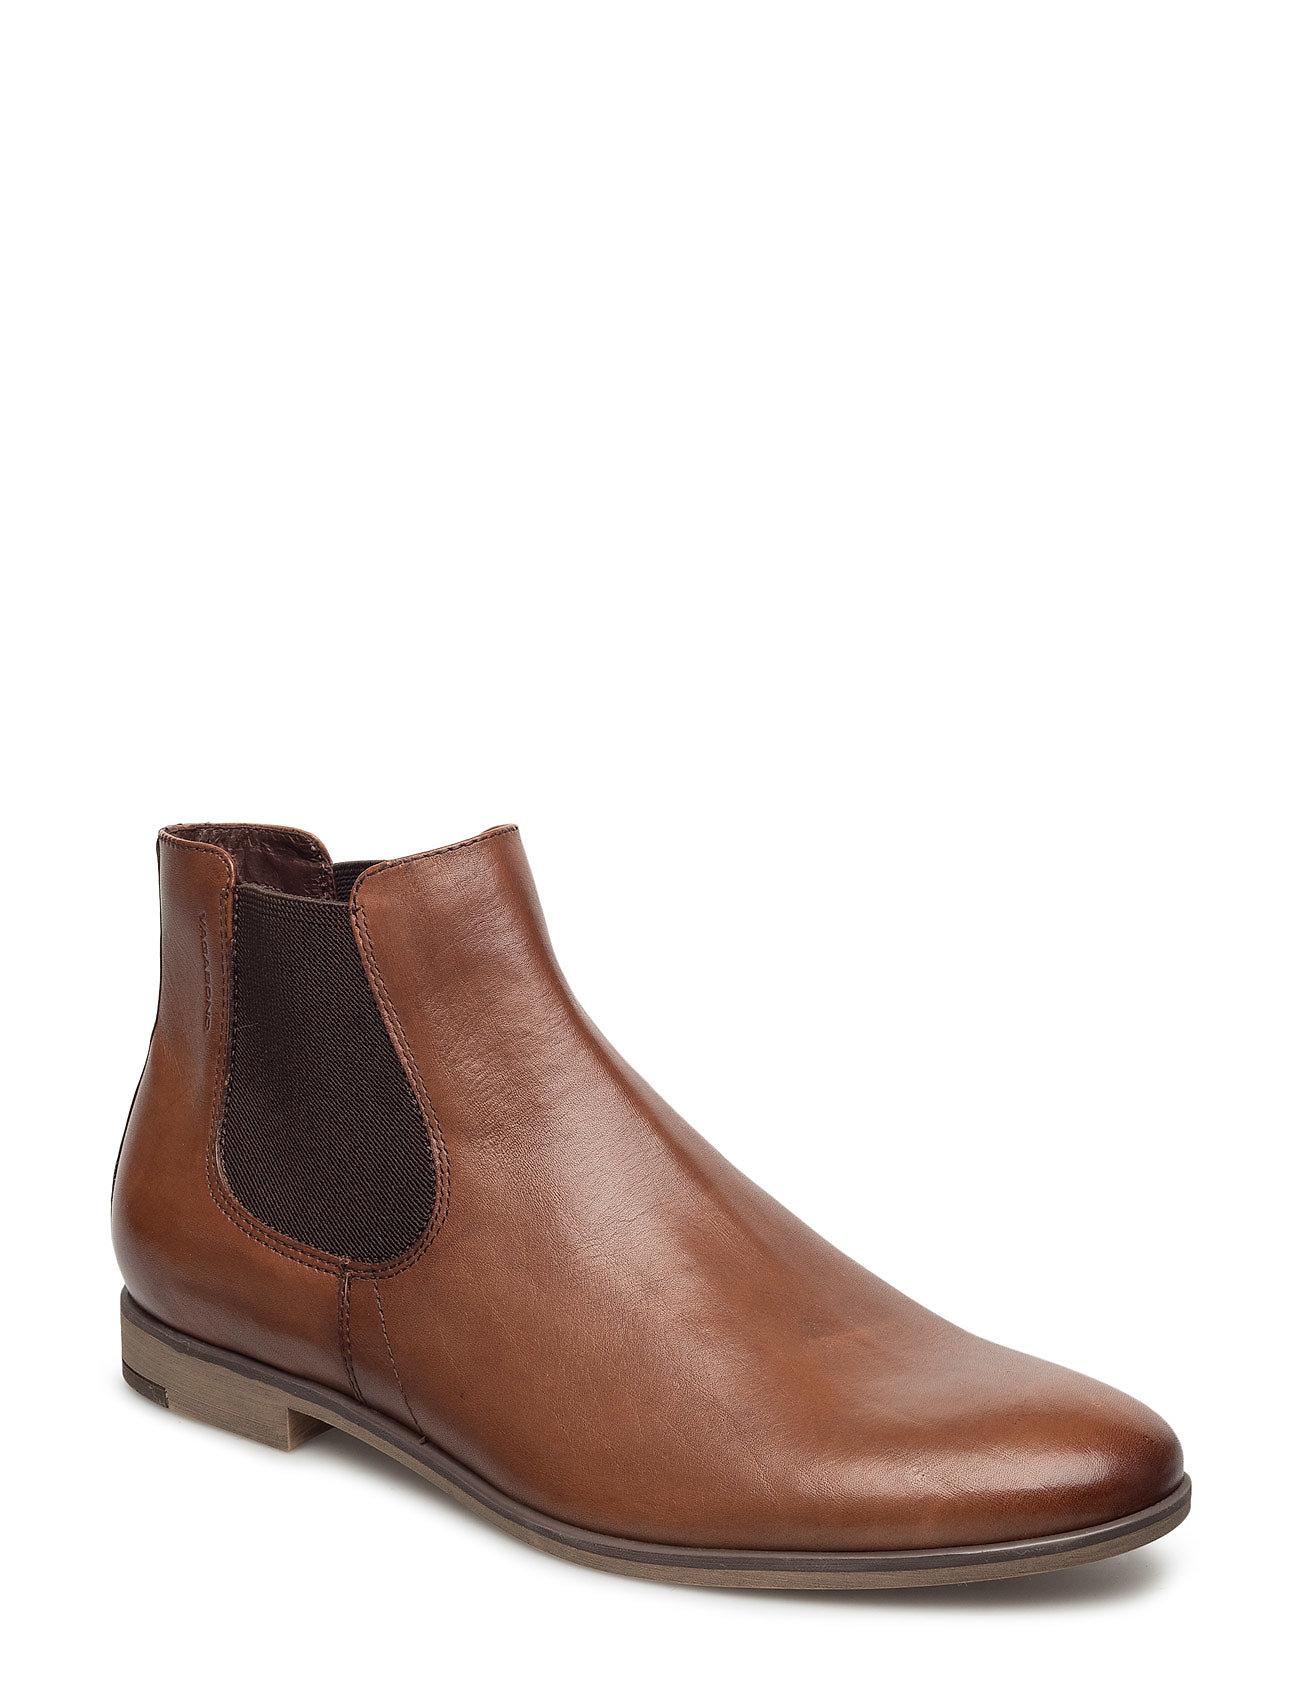 1fecff263bc Shop Linhope VAGABOND Støvler i cognac til Mænd på internettet